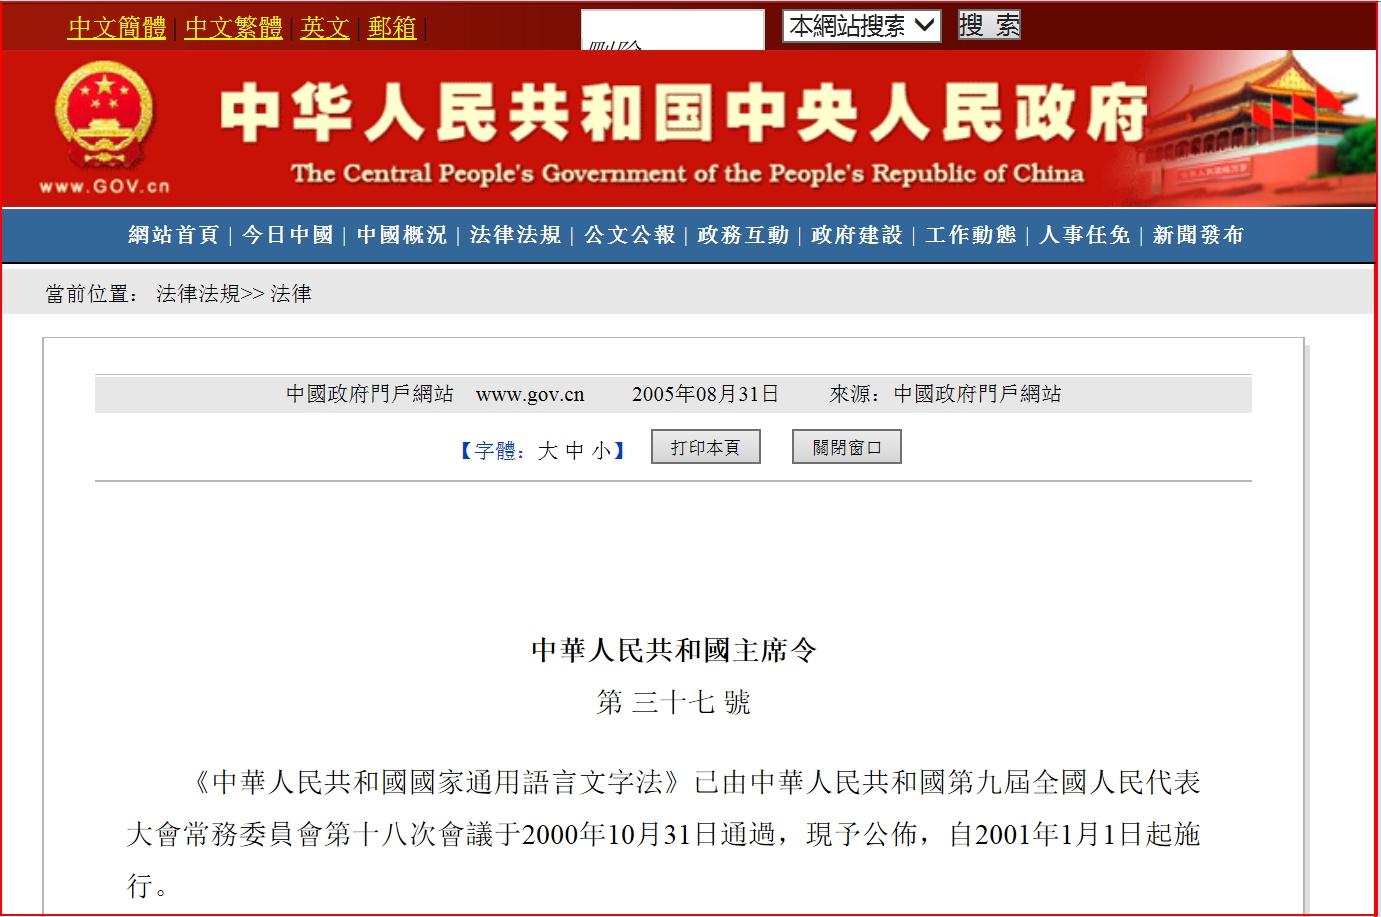 中国 人 的英文翻译应用汉语拼音